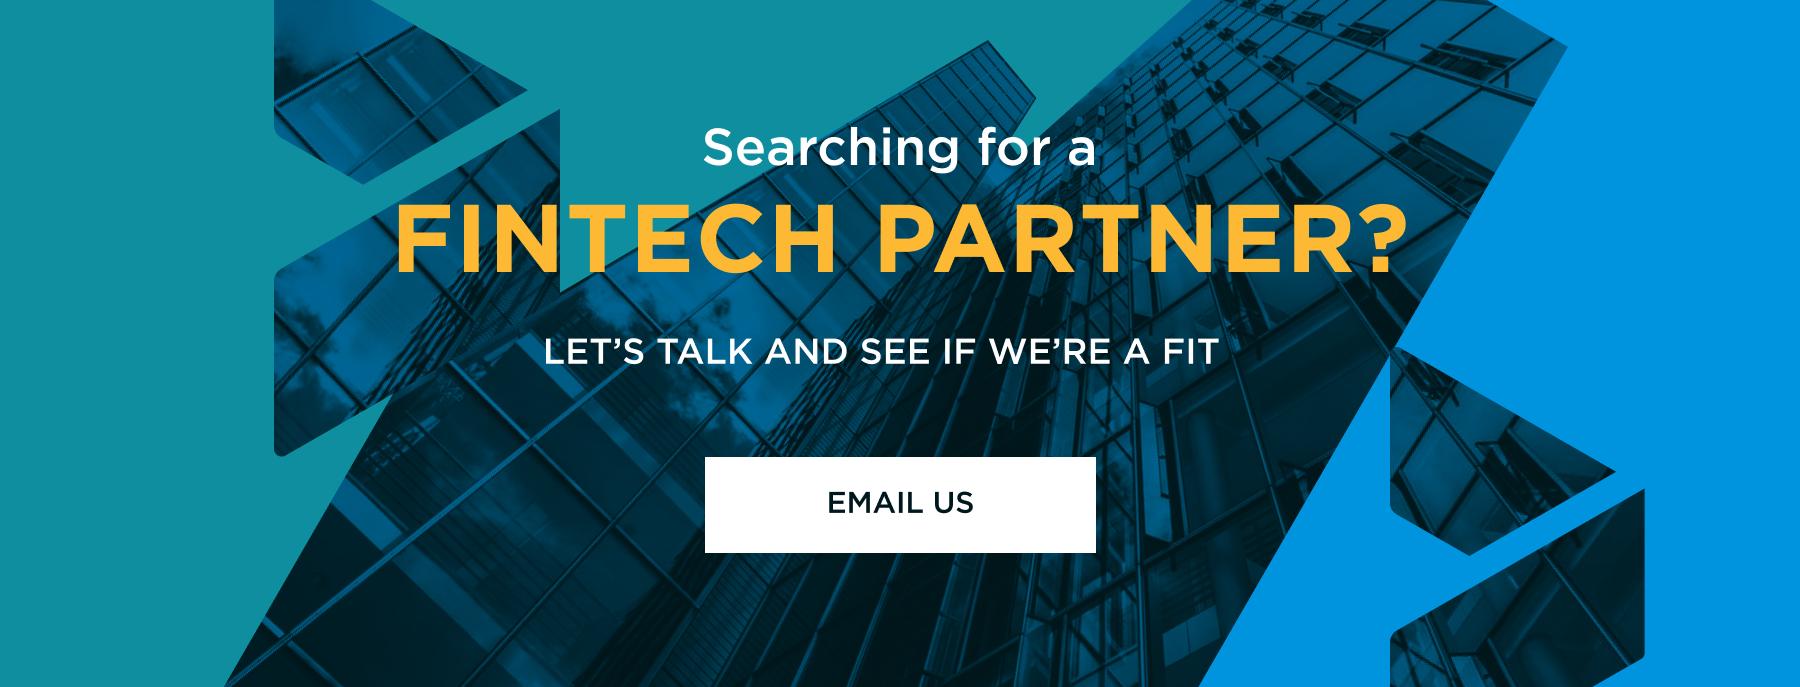 fintech-partner